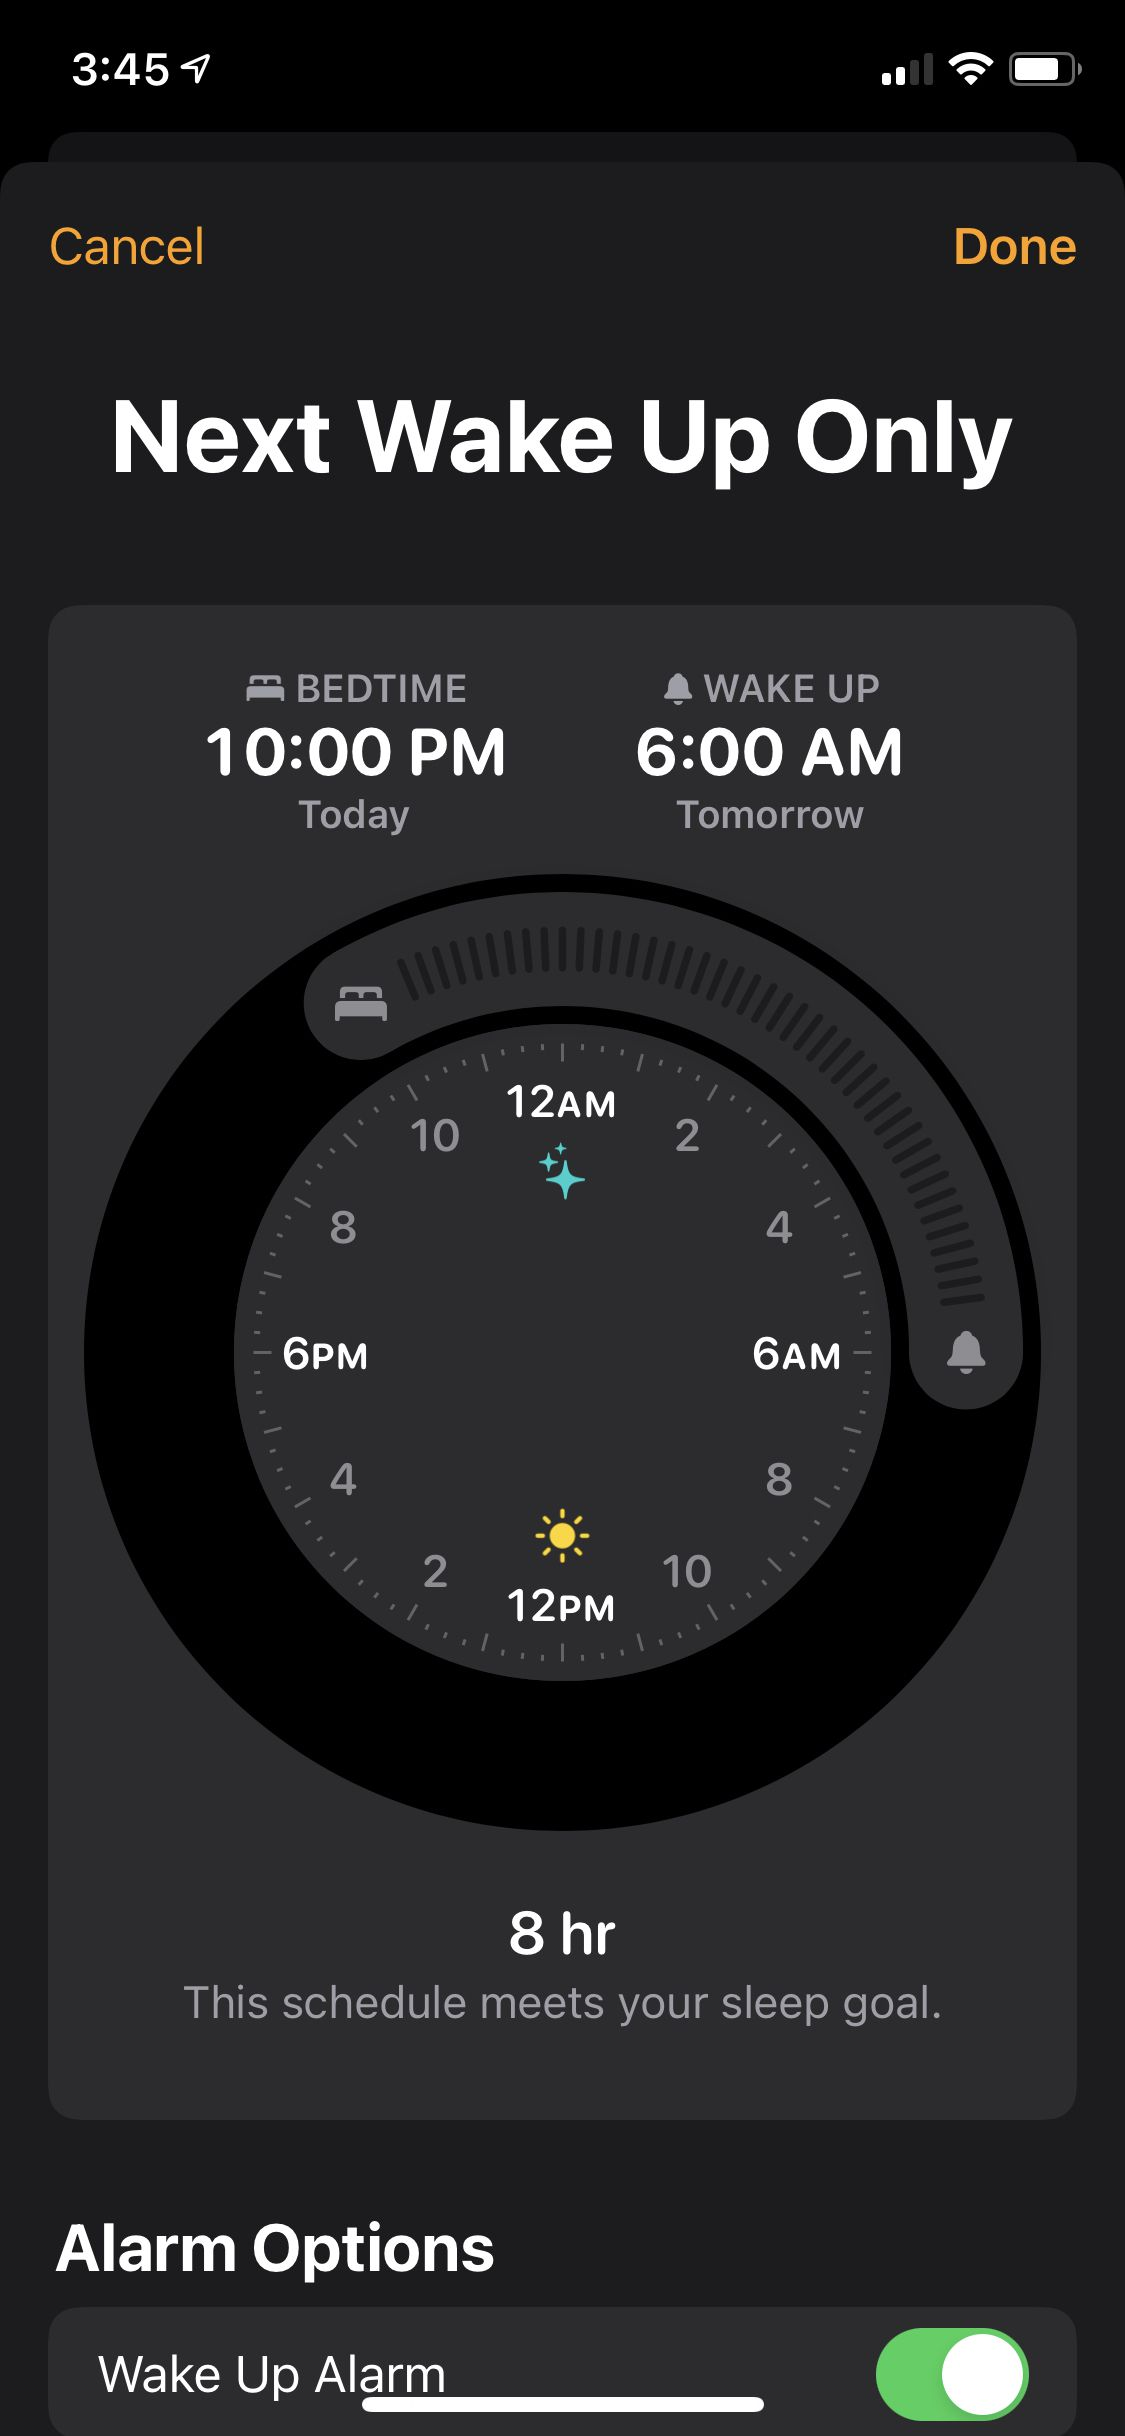 Apple memiliki fitur waktu tidur baru yang berfungsi tetapi membatasi dalam hal opsi DND.